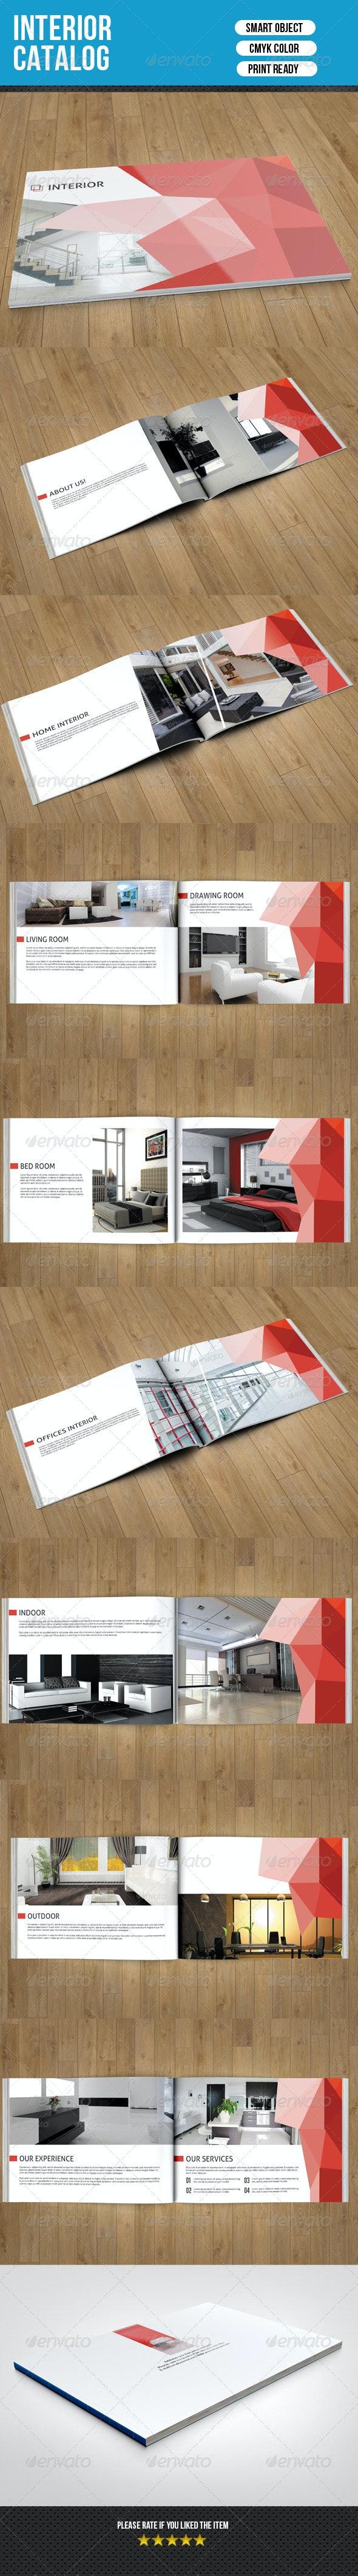 Interior Catalog Template-V08 - Catalogs Brochures